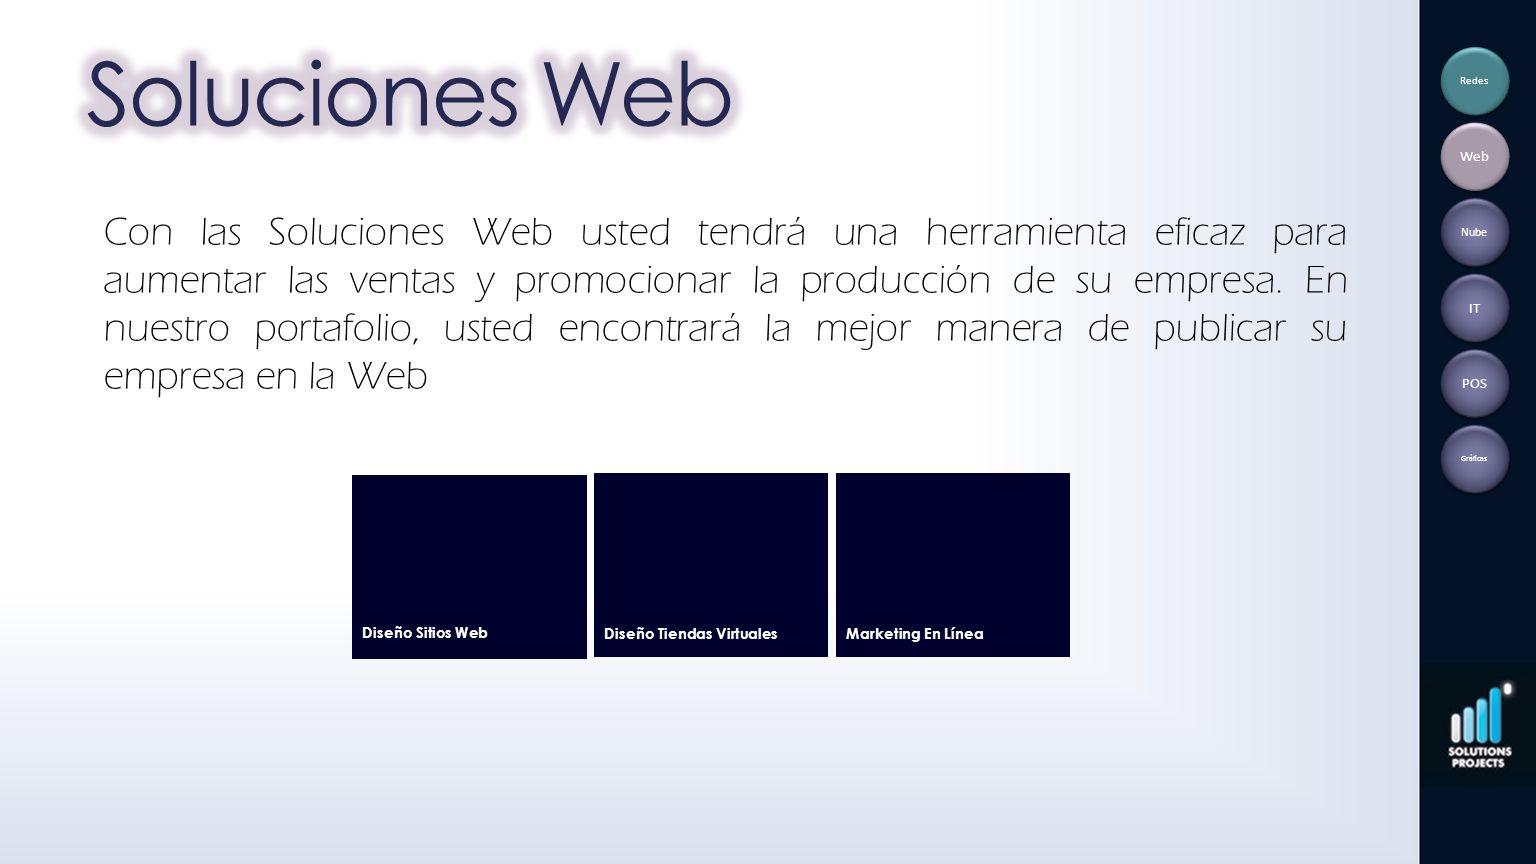 Con las Soluciones Web usted tendrá una herramienta eficaz para aumentar las ventas y promocionar la producción de su empresa. En nuestro portafolio,